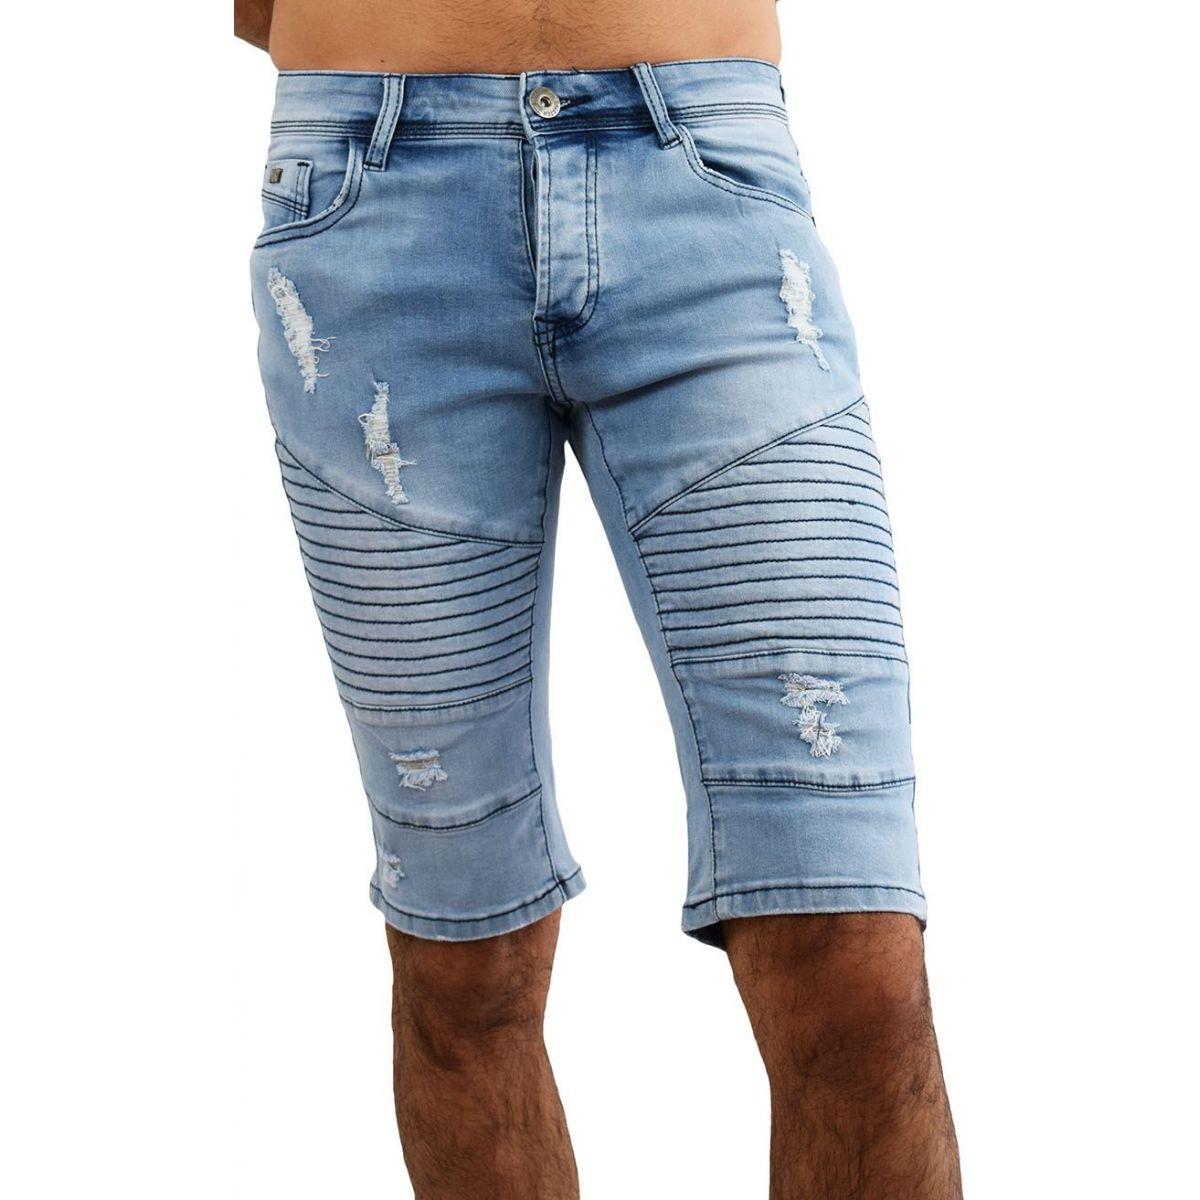 bermuda jean homme 35 short en jean bleu fashion. Black Bedroom Furniture Sets. Home Design Ideas